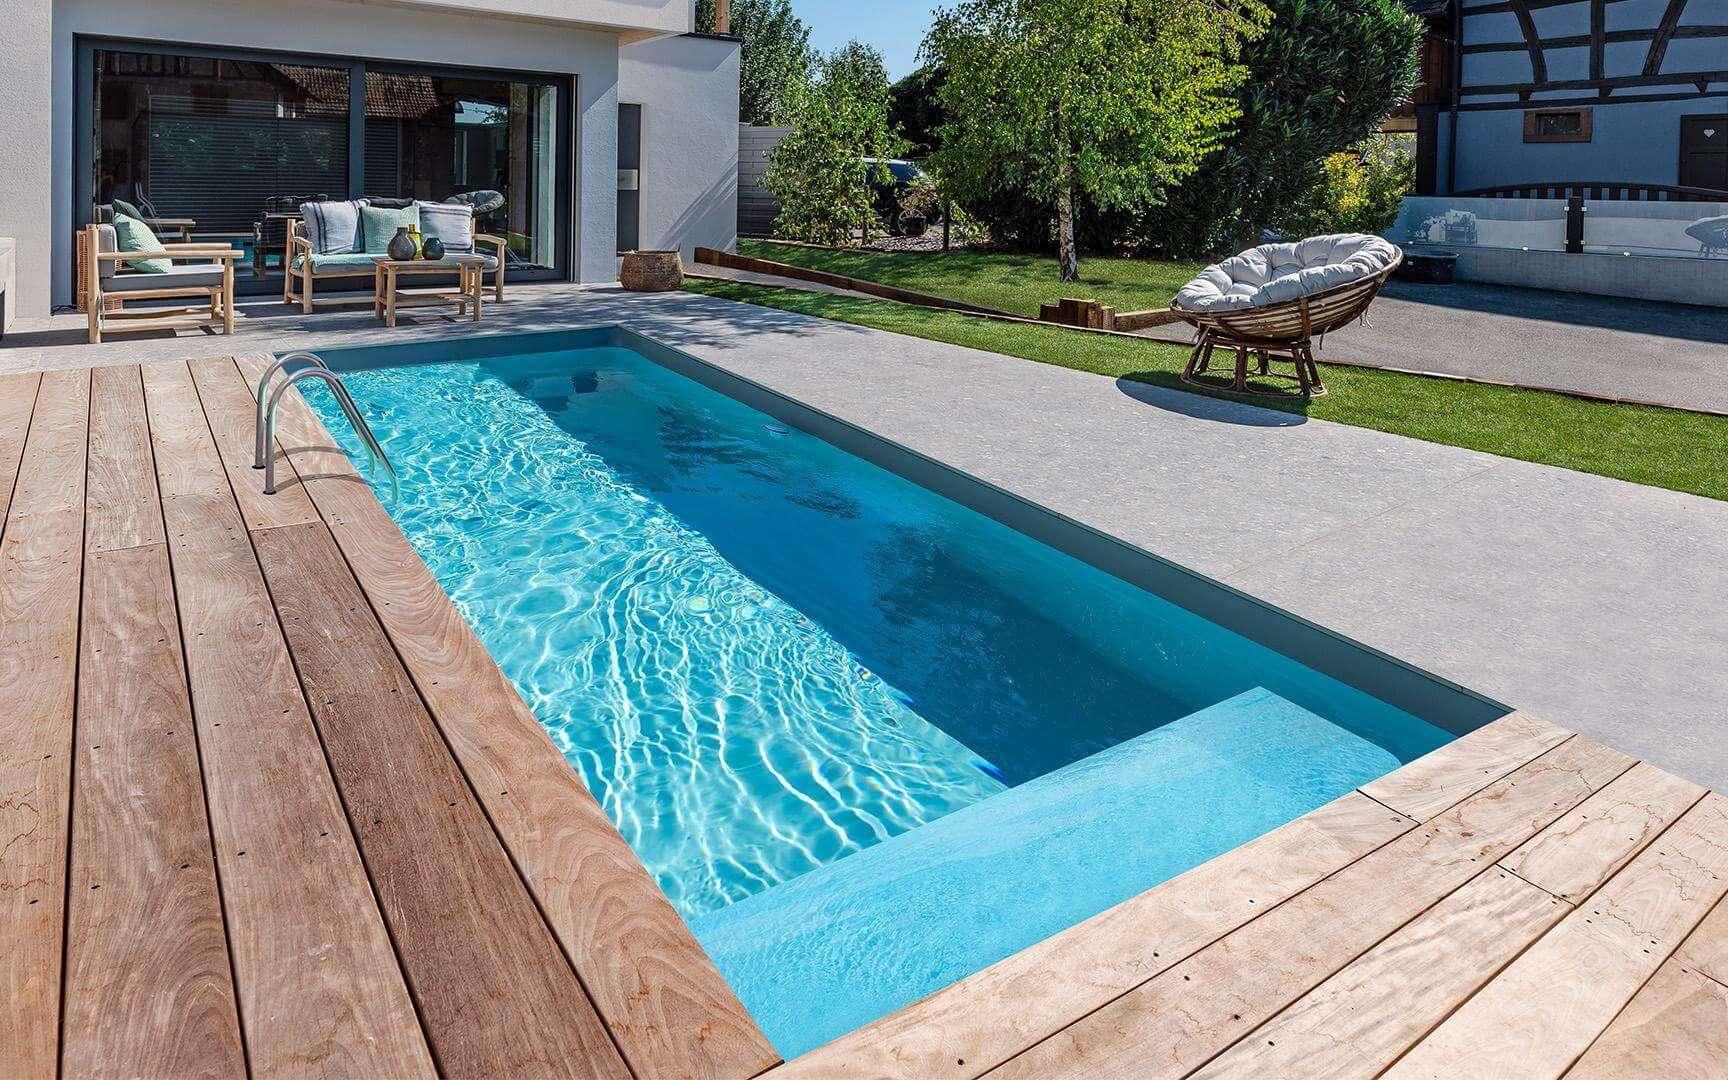 Petites ou grandes piscines, l'eau doit être traitée pour éliminer bactéries, algues, champignons... Pour y parvenir le chlore est concurrencé par le sel, le brome ou encore les UV. © Waterair